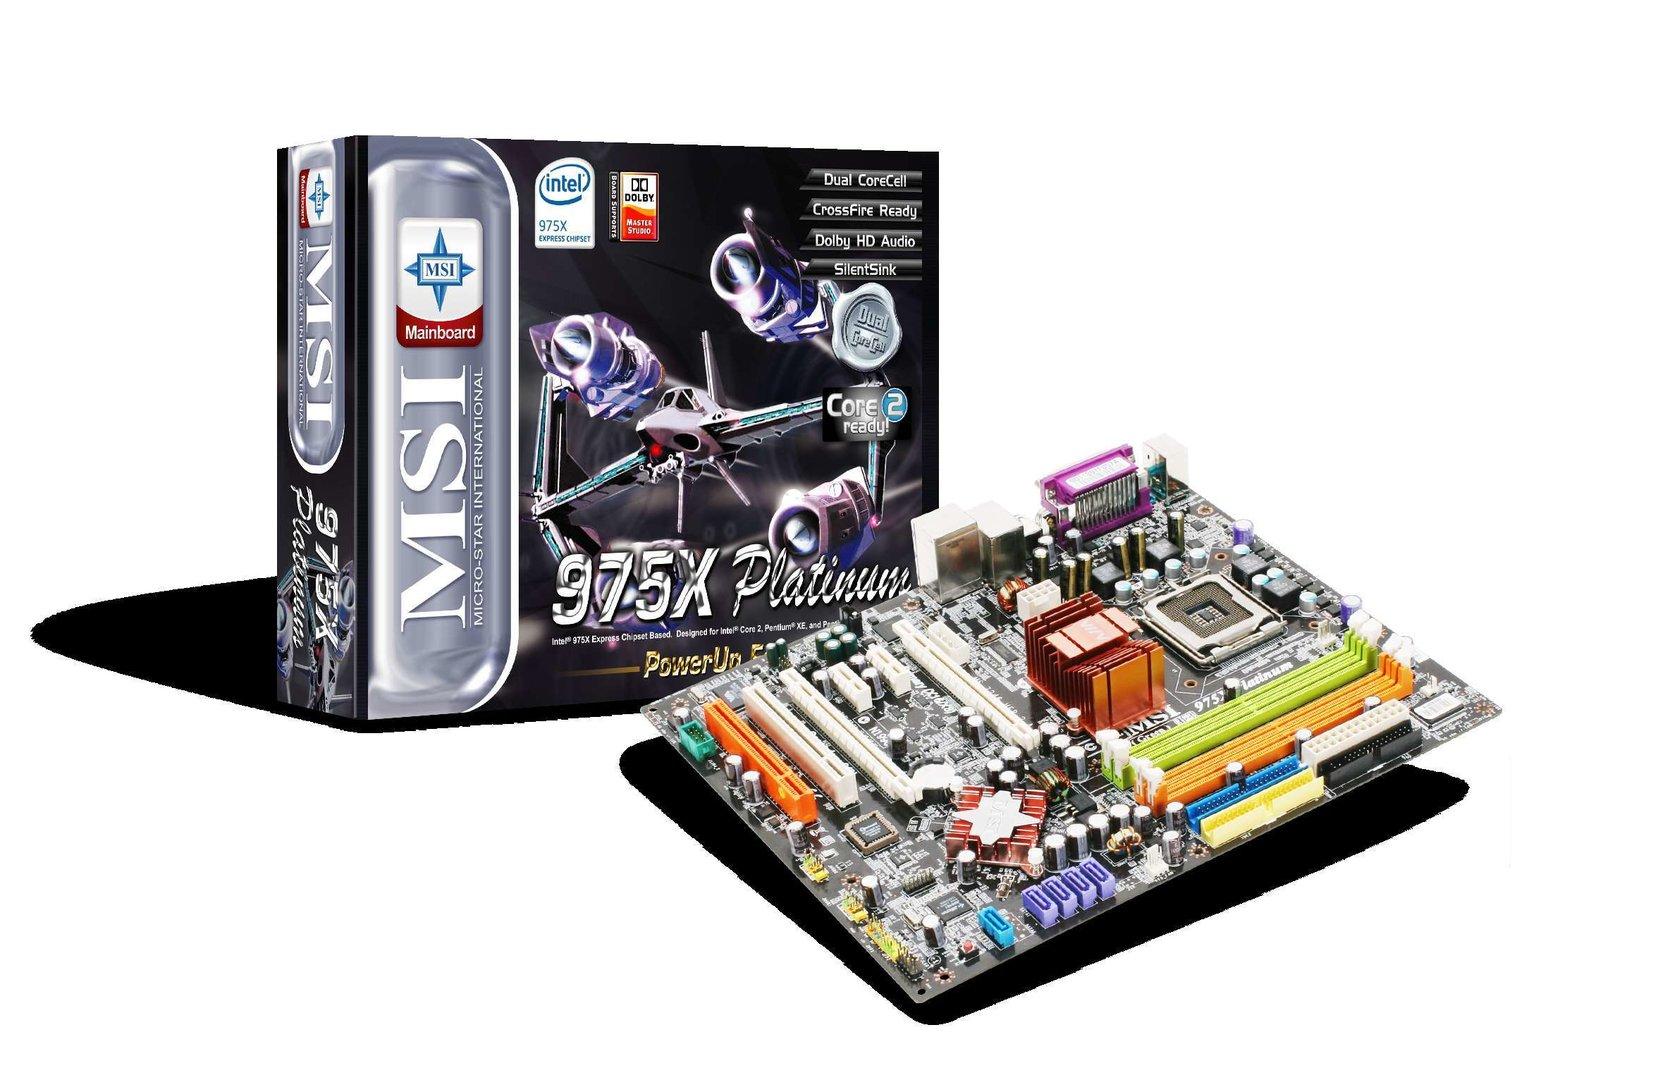 7246_975X_Platinum 3D+box